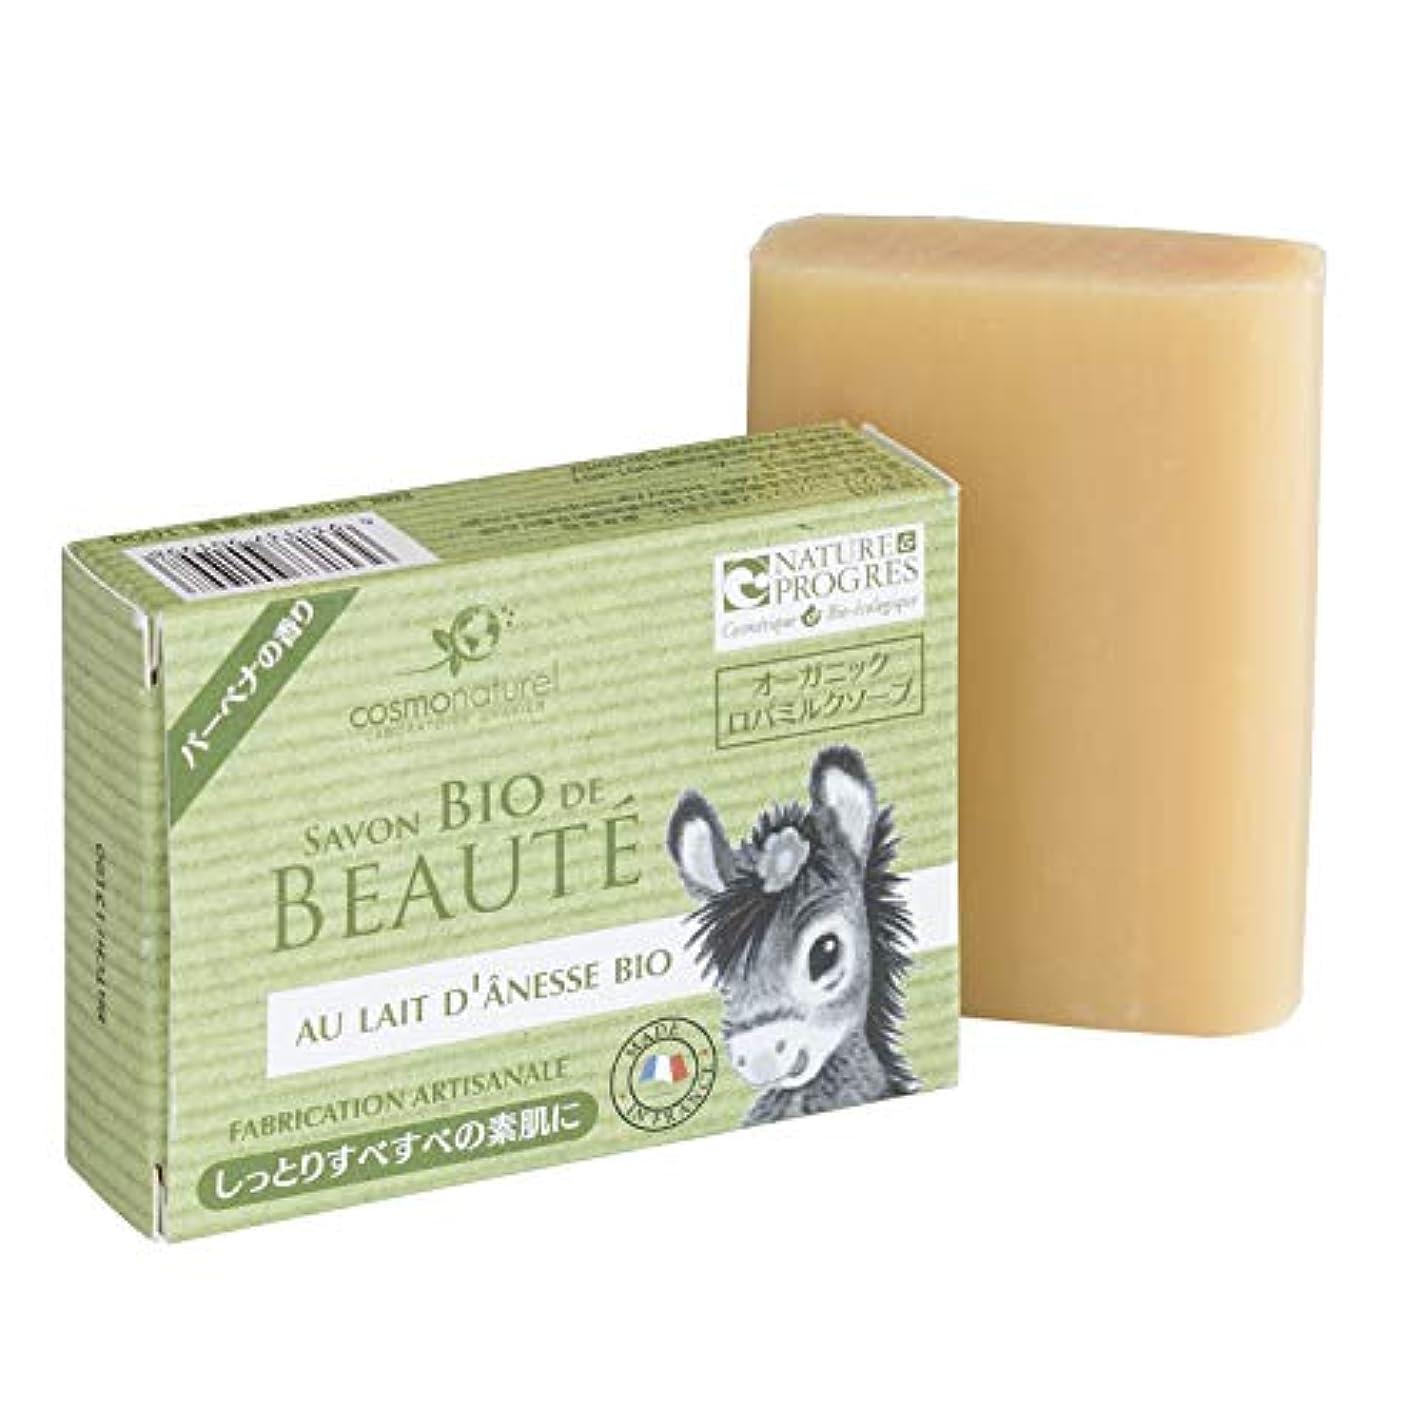 リレー忠実な依存コスモナチュレル オーガニック ロバミルクソープ バーベナの香り 100g